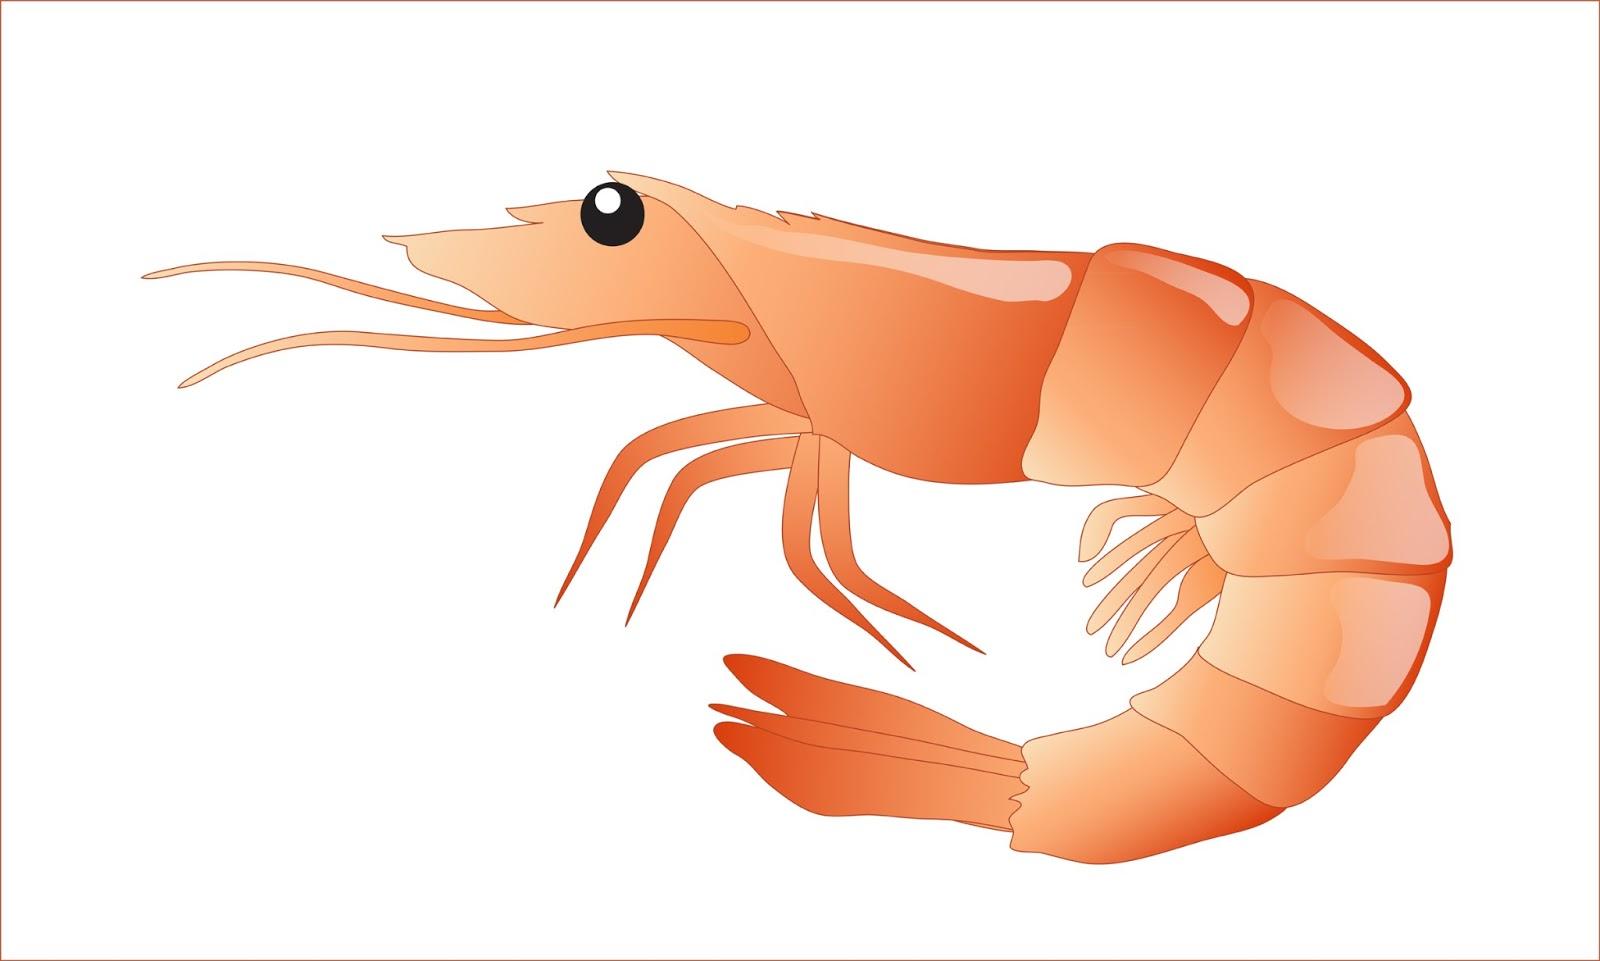 Free Shrimp Clipart, Download Free Clip Art, Free Clip Art.